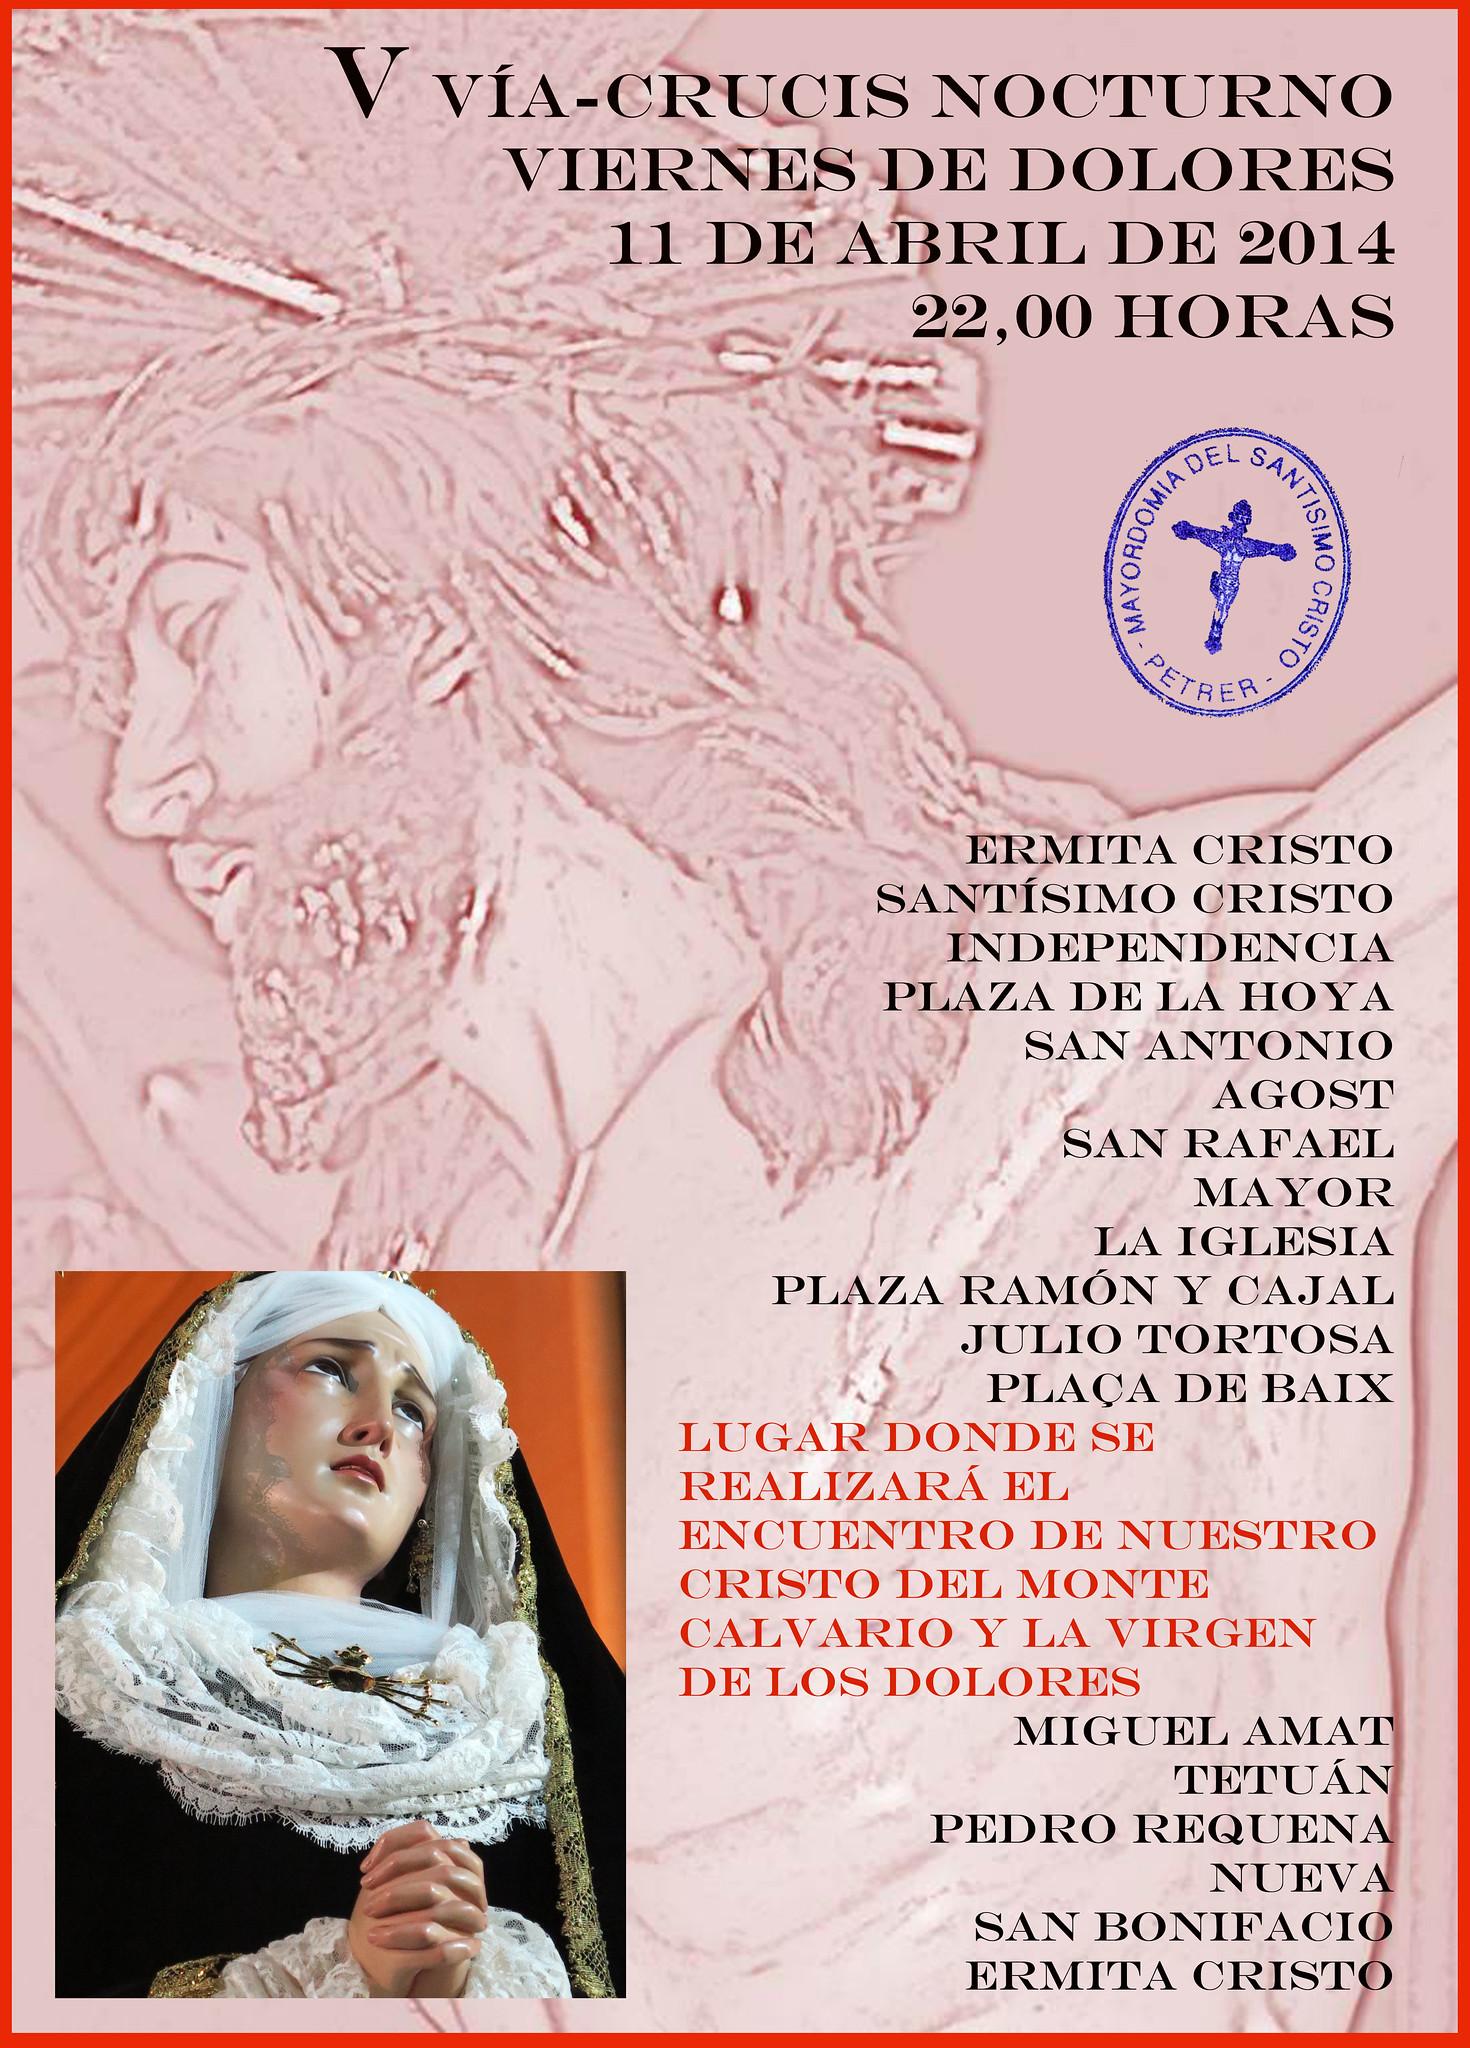 ElCristo - Historia - Documentos - (2014-04-11) - Cartel V Vía-Crucis nocturno